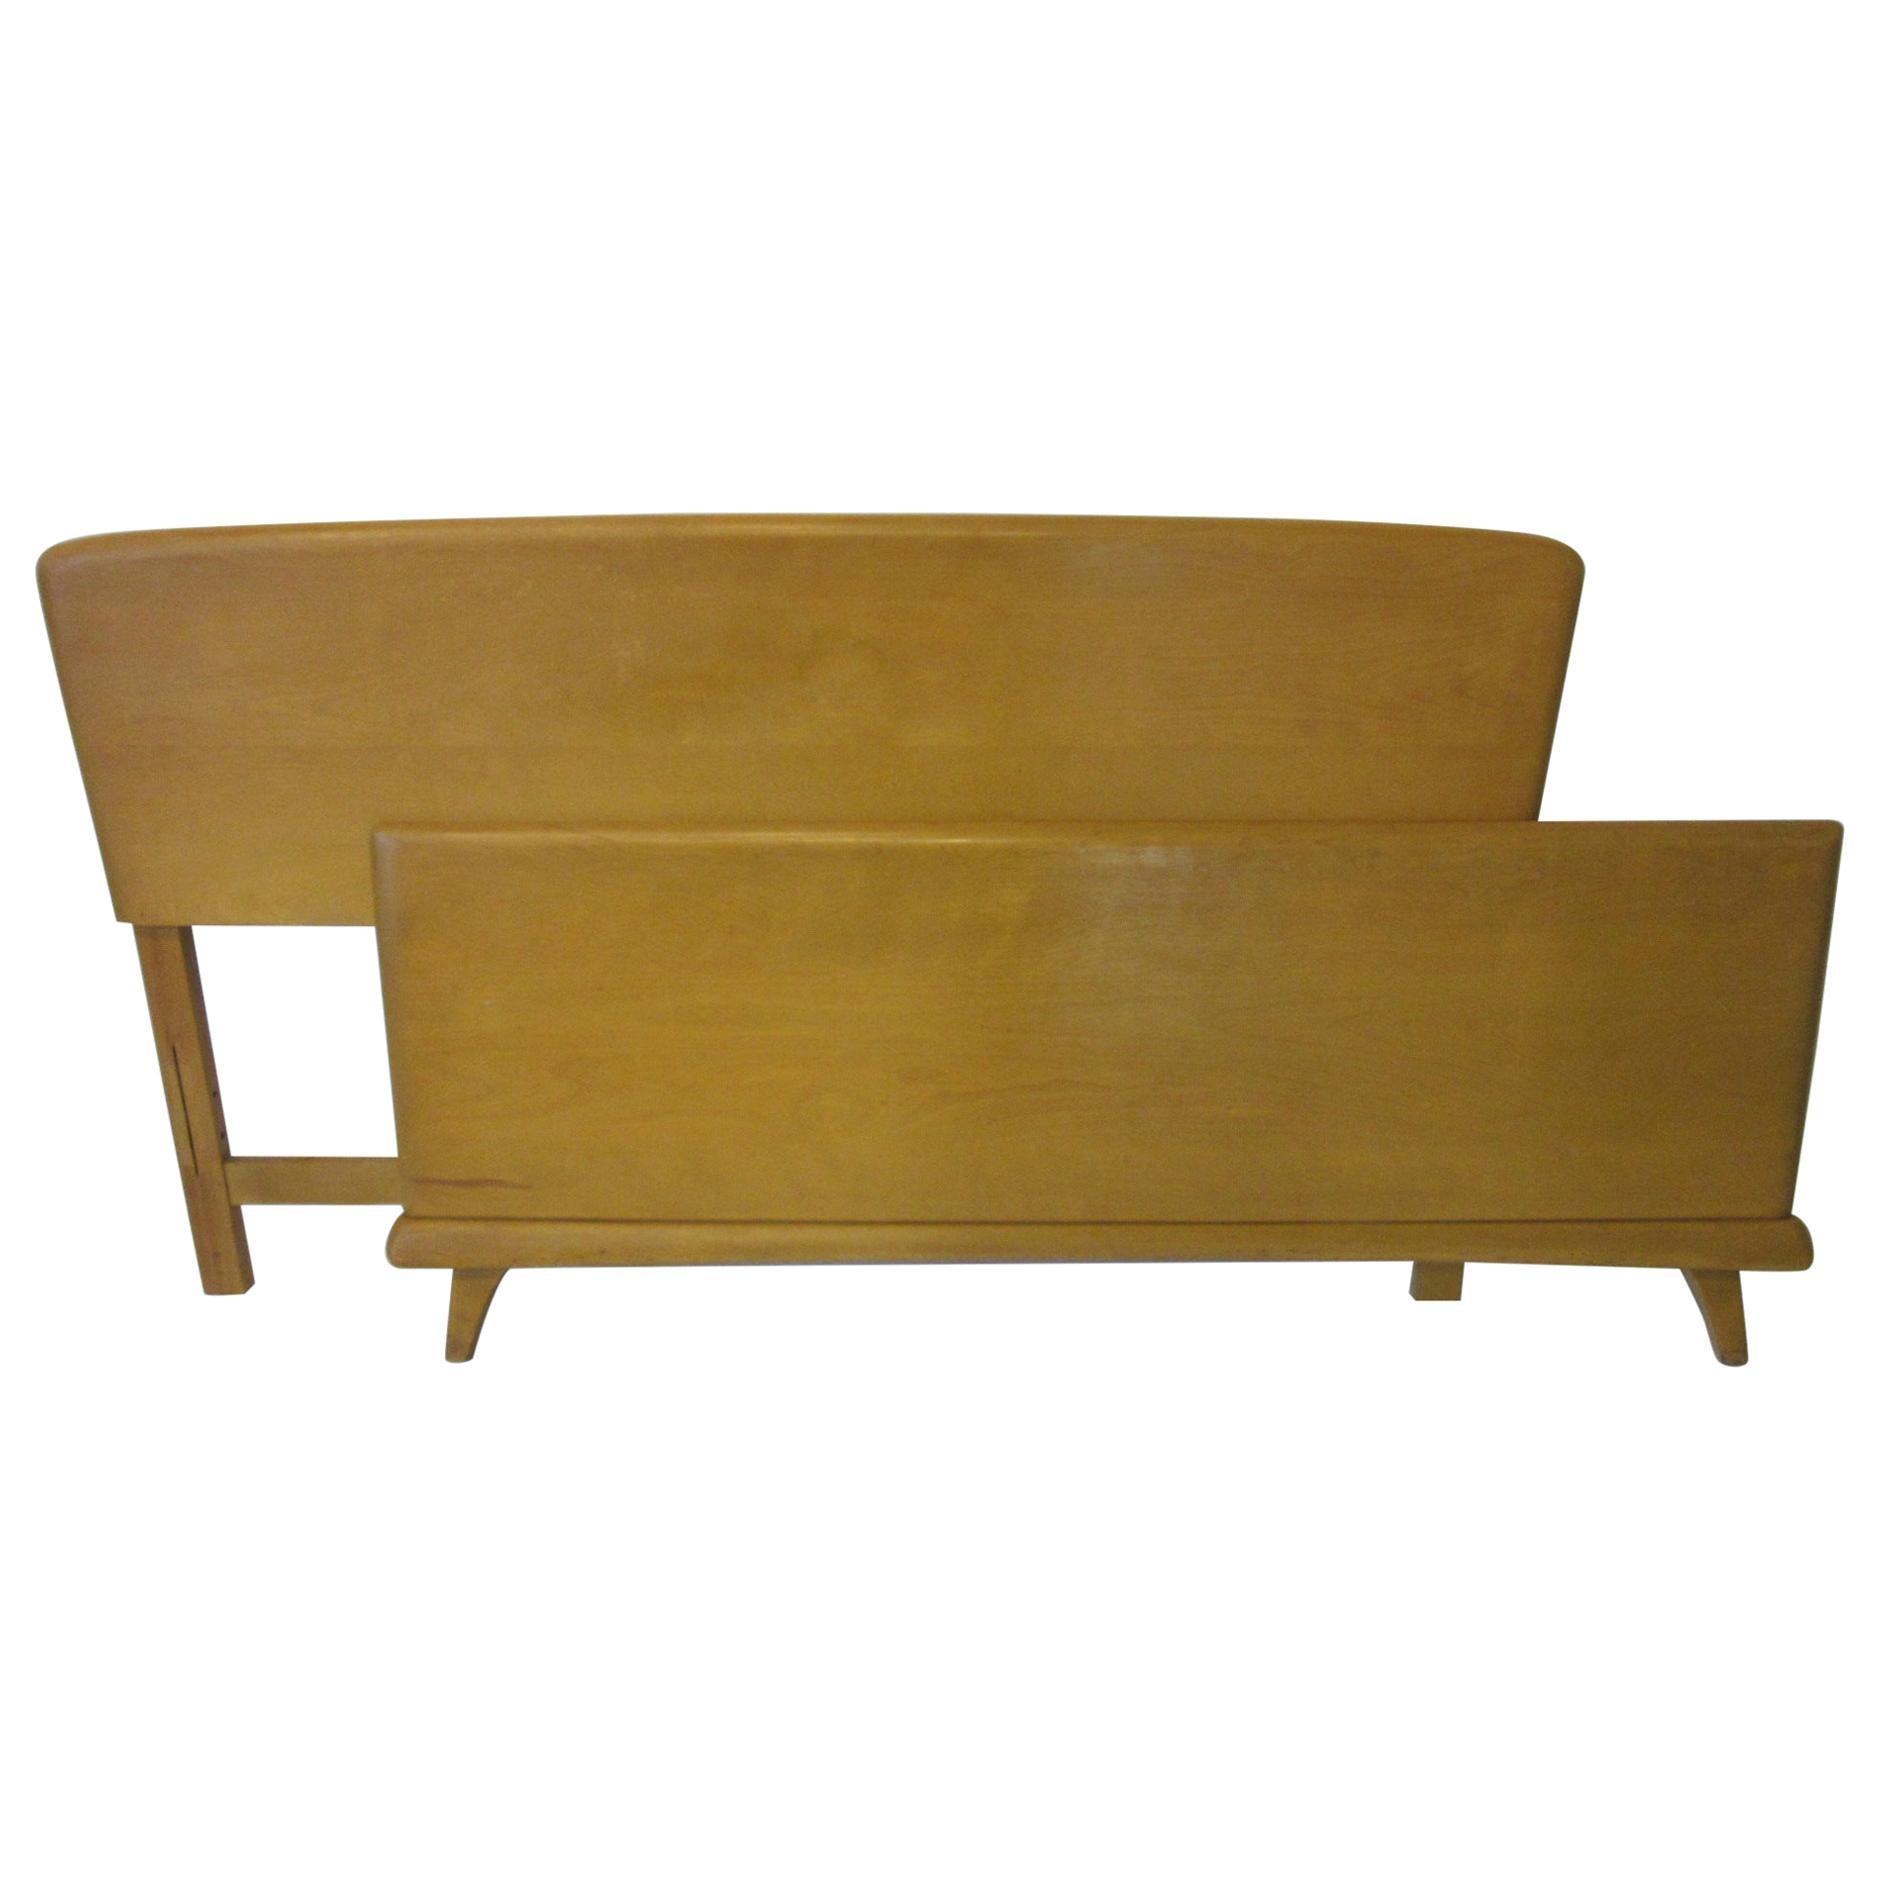 Midcentury Full Sized Headboard, Trophy Suite by Heywood Wakefield